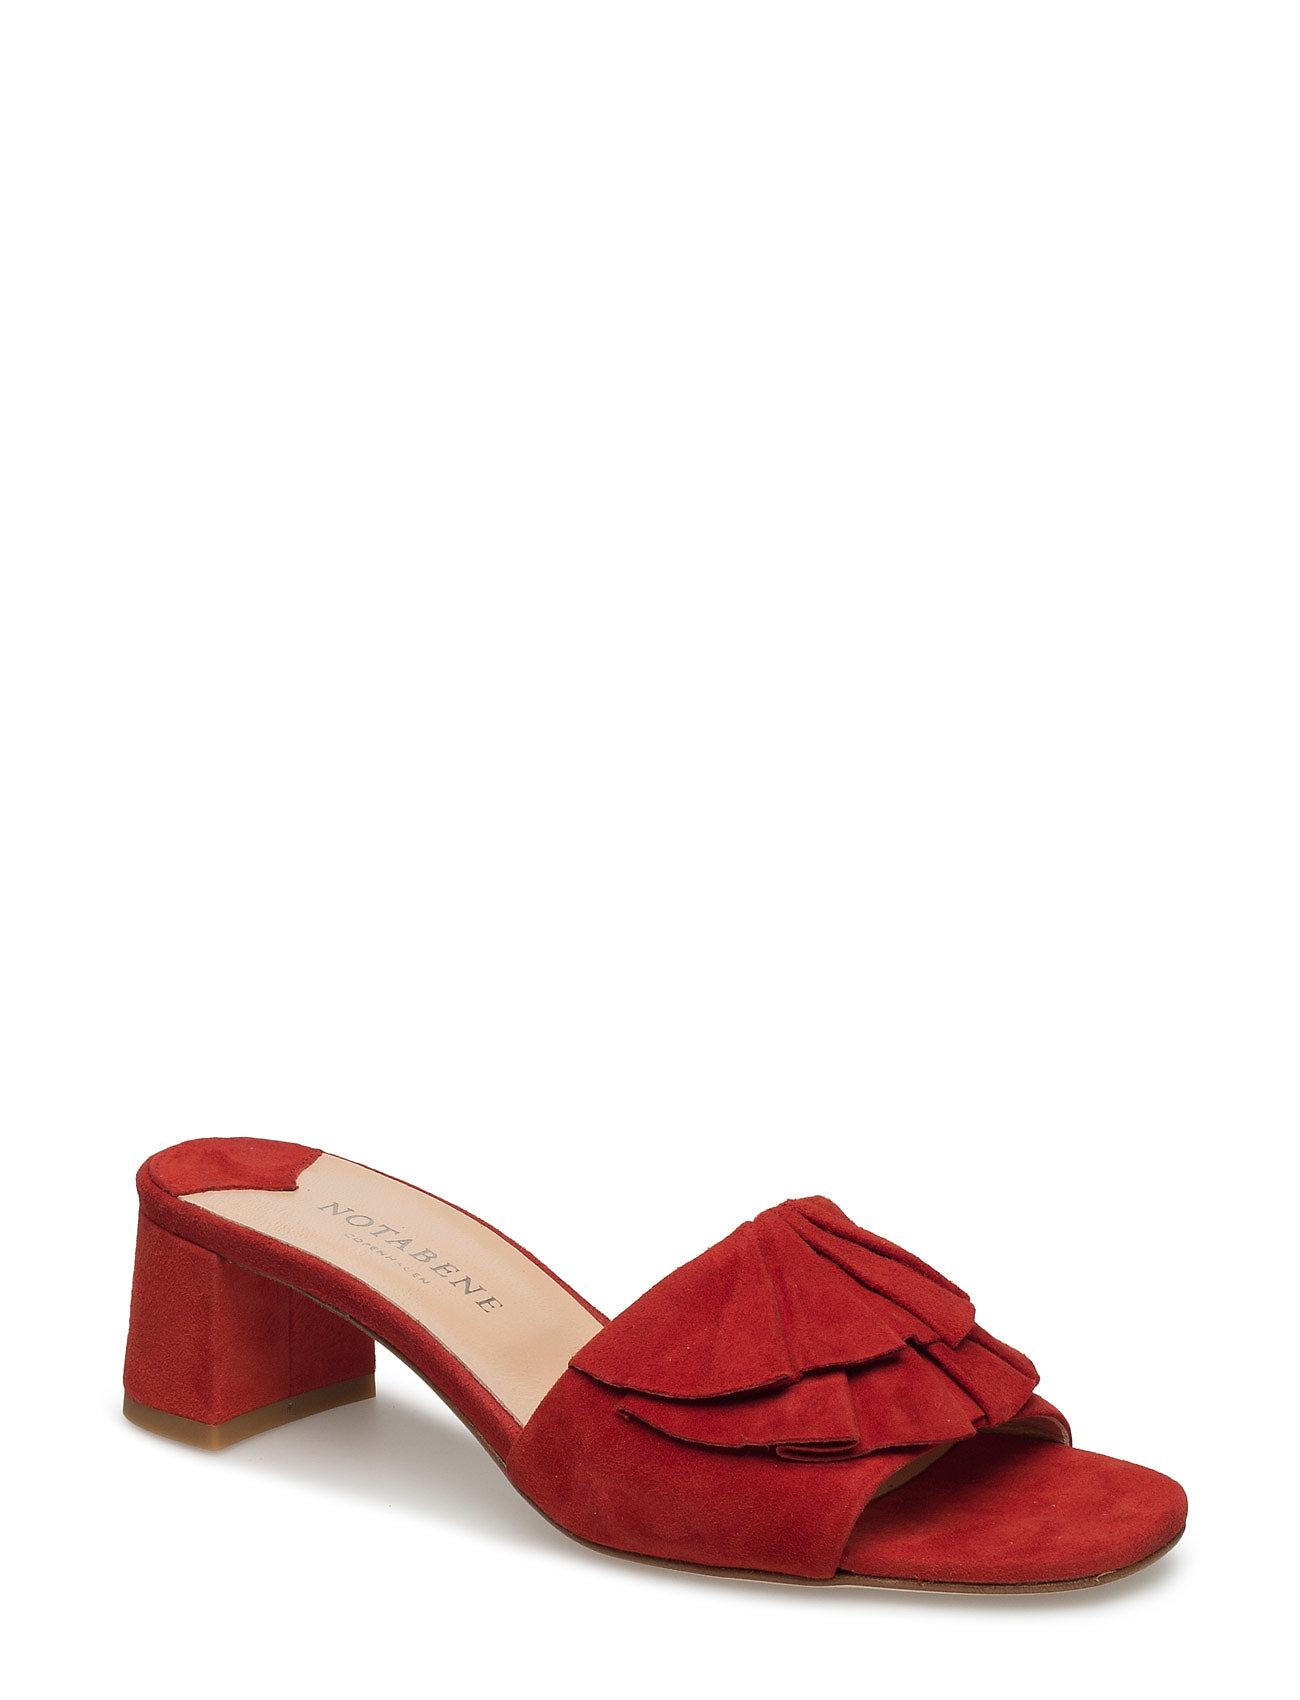 Rosa NOTABENE Sandaler til Damer i Rød